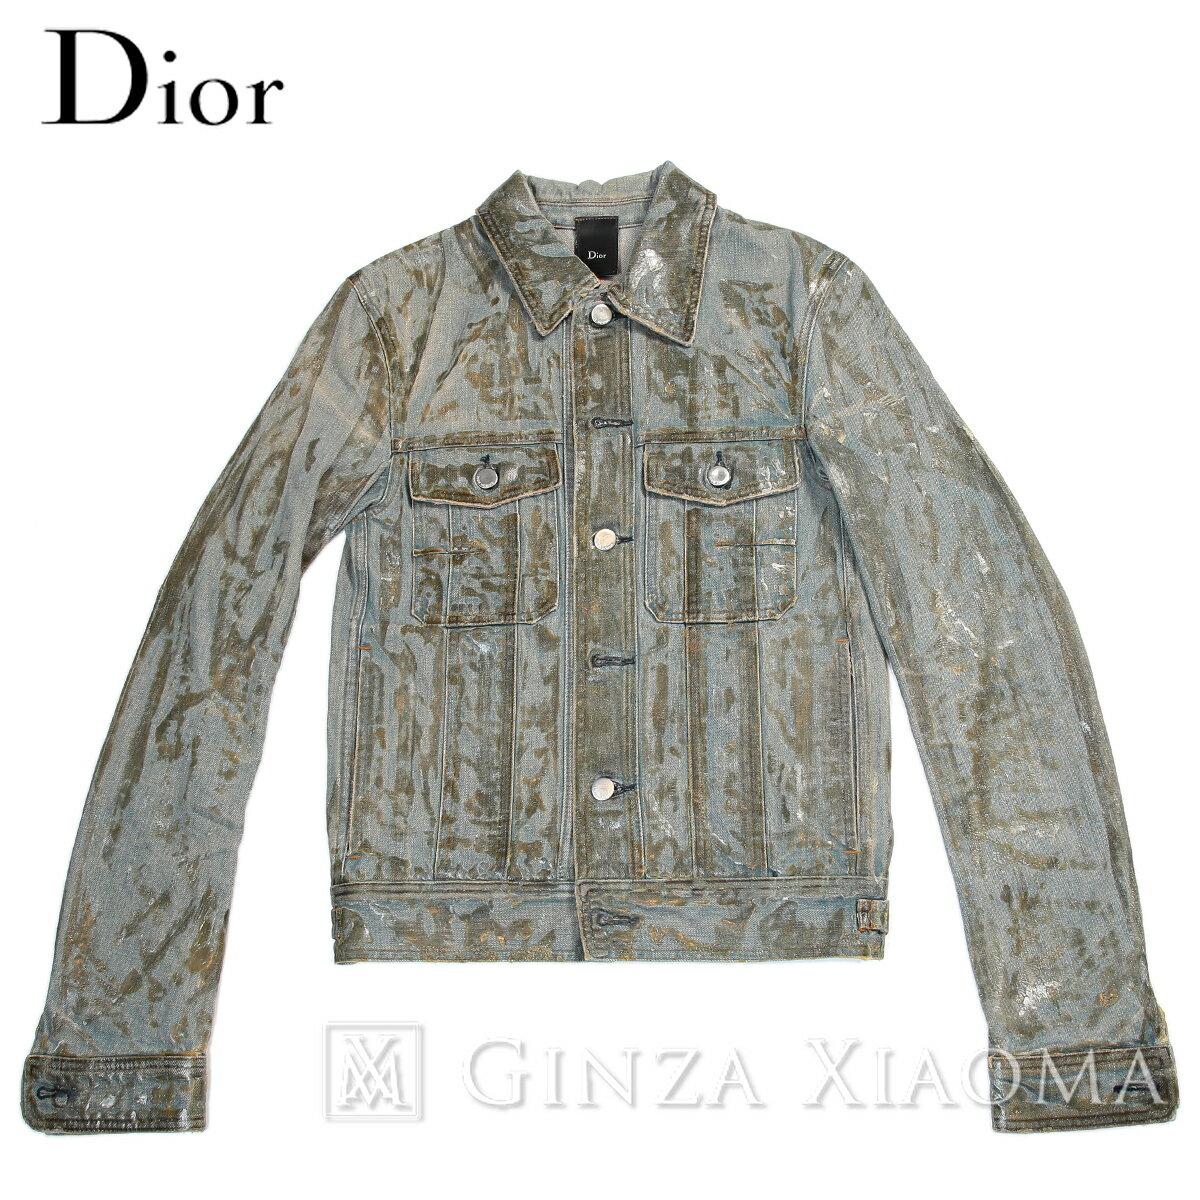 レディースファッション, コート・ジャケット 3DIOR